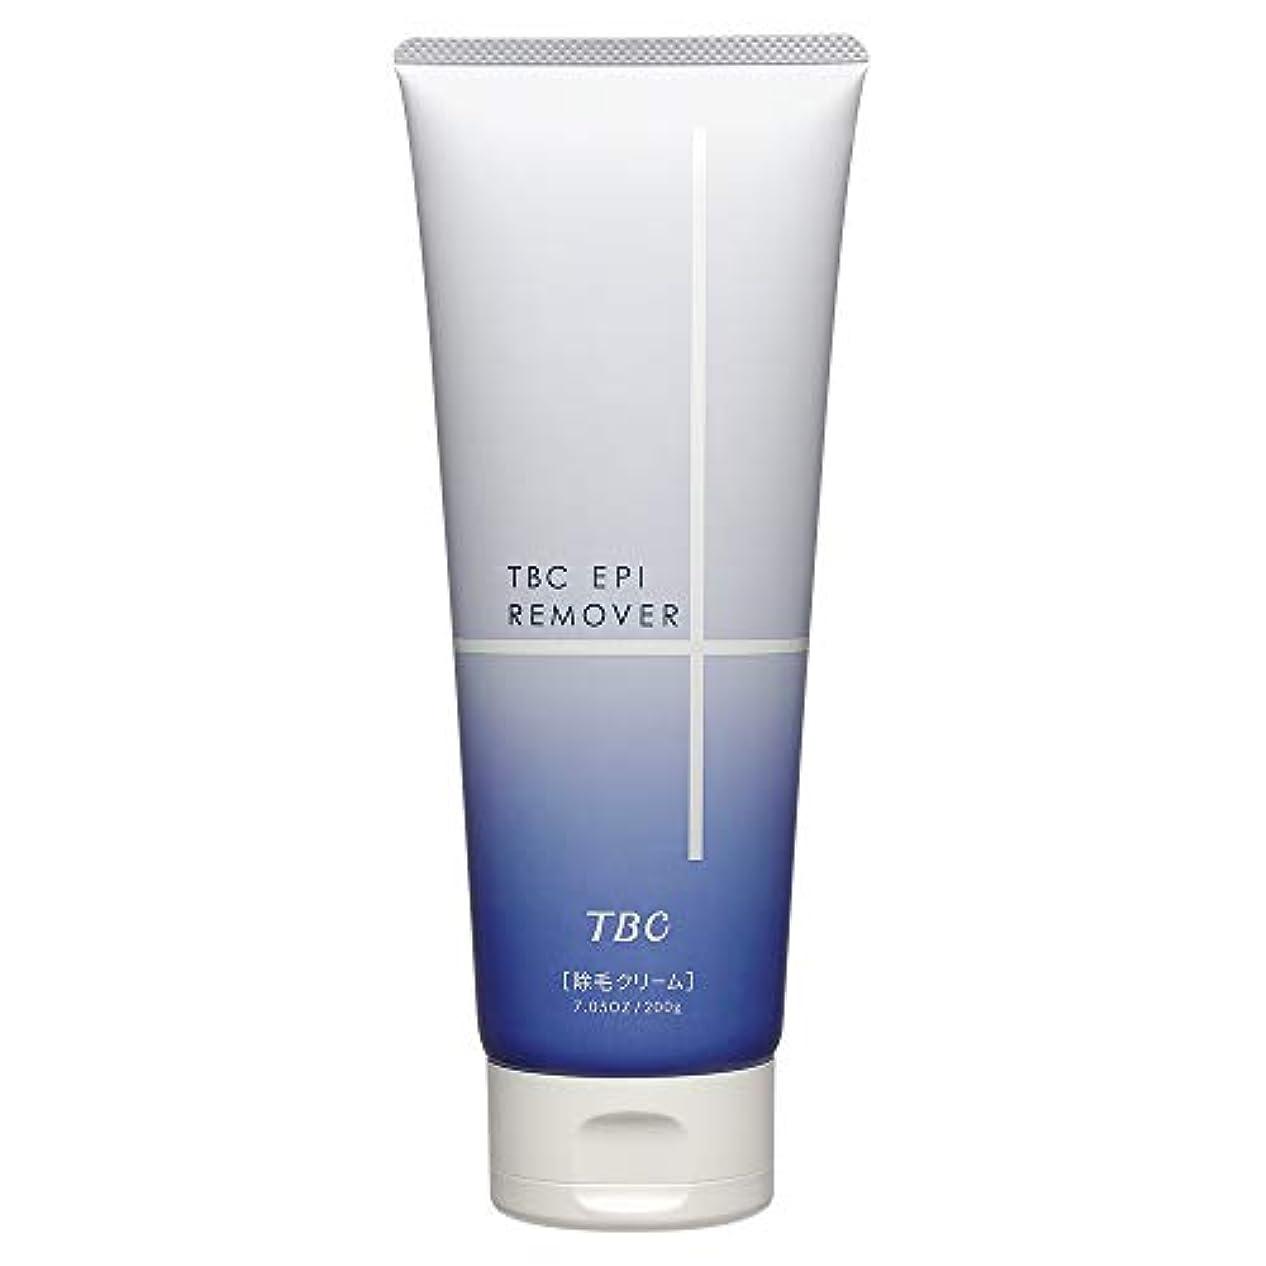 石鹸フィールド社会主義エステティックTBC TBC エピリムーバー クリーム フローラルの香り 200g